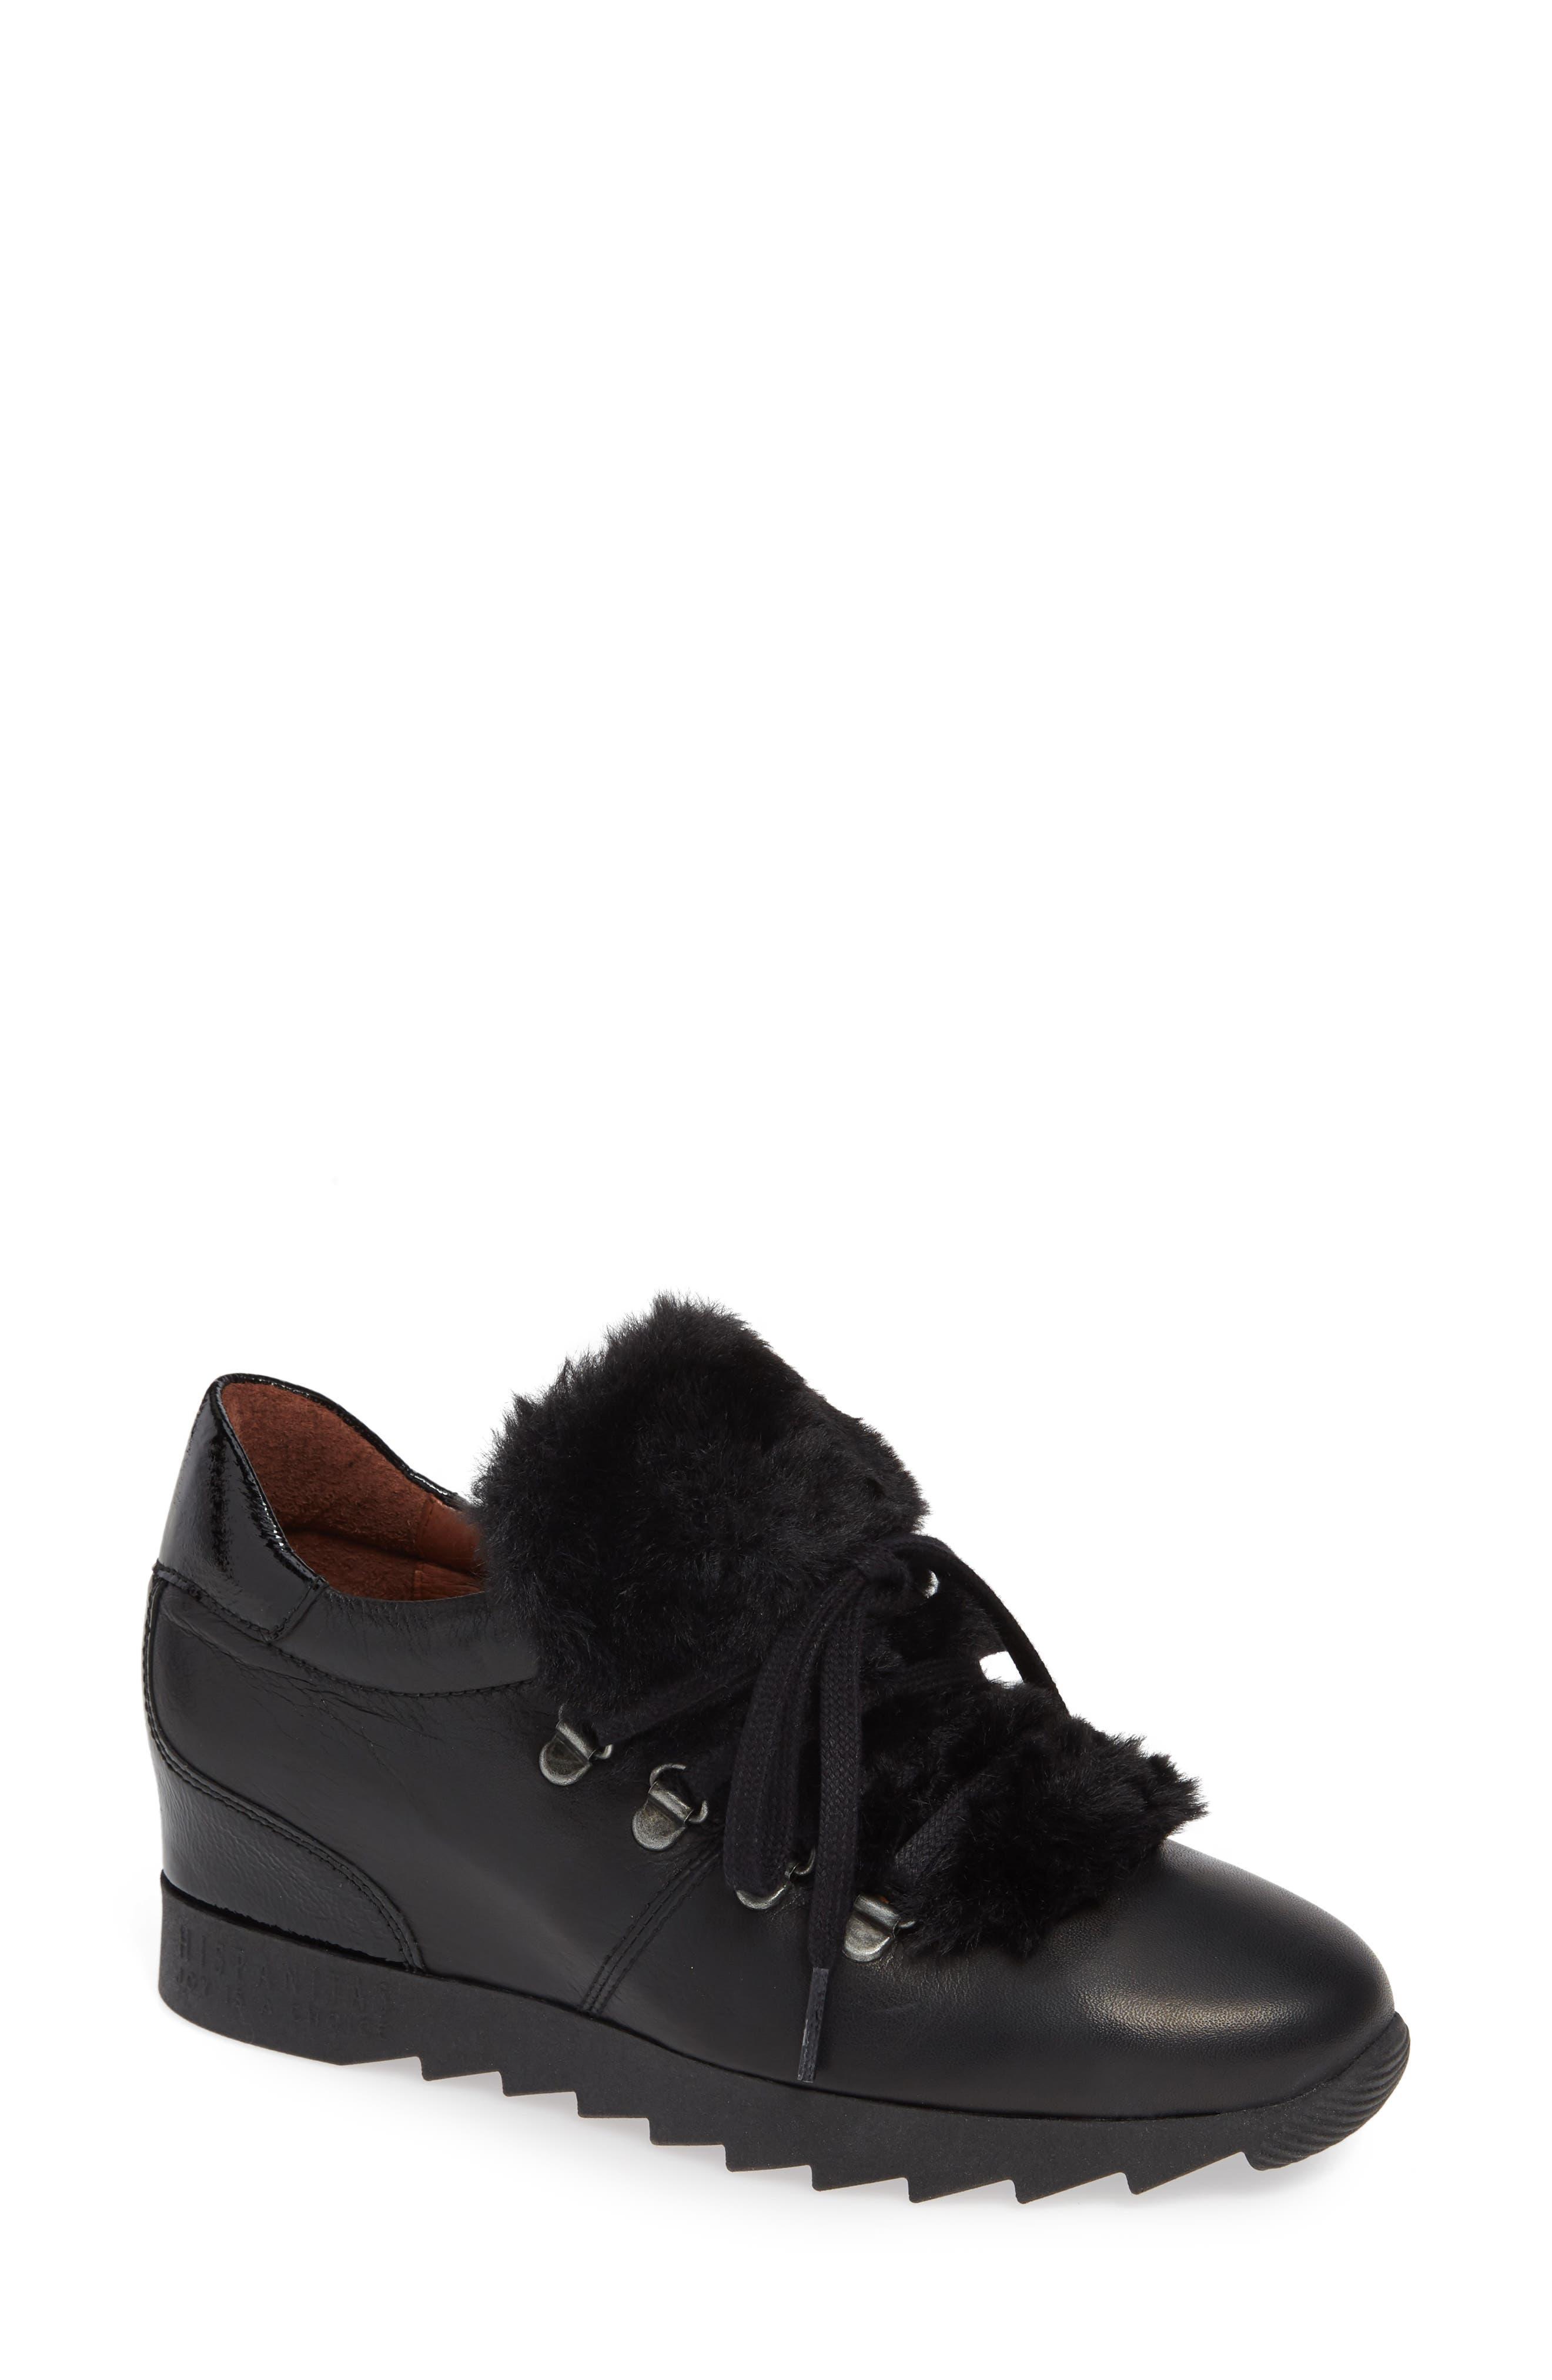 Sadara Wedge Sneaker,                             Main thumbnail 1, color,                             SOHO BLACK FAUX FUR